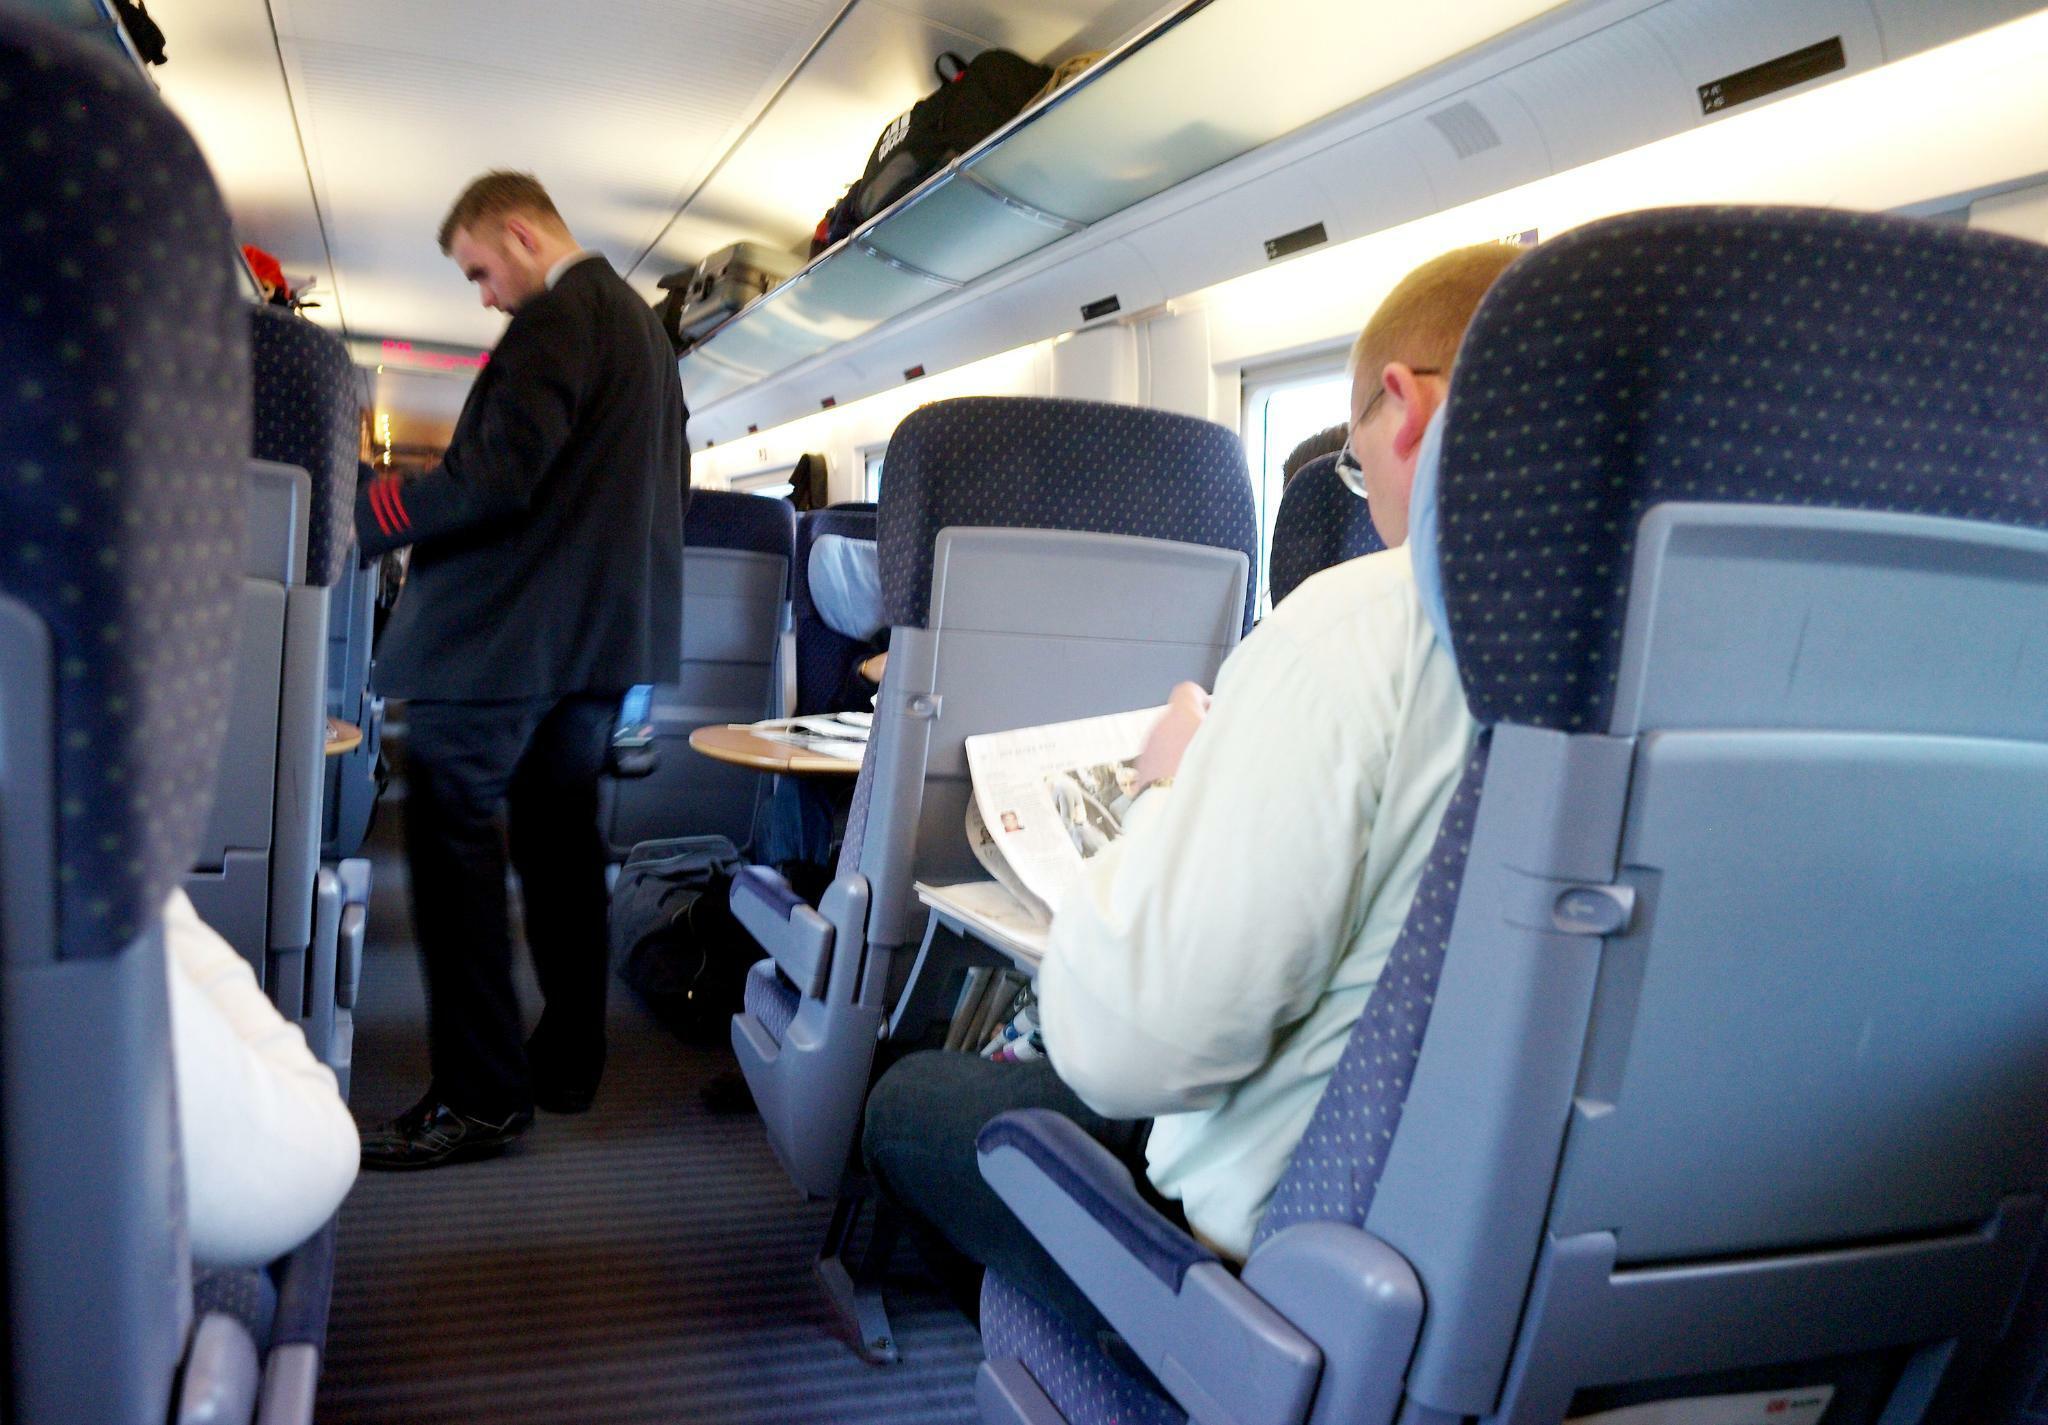 BahnComfort-Scham: Vielfahrerstatus sorgt für Knatsch im ICE